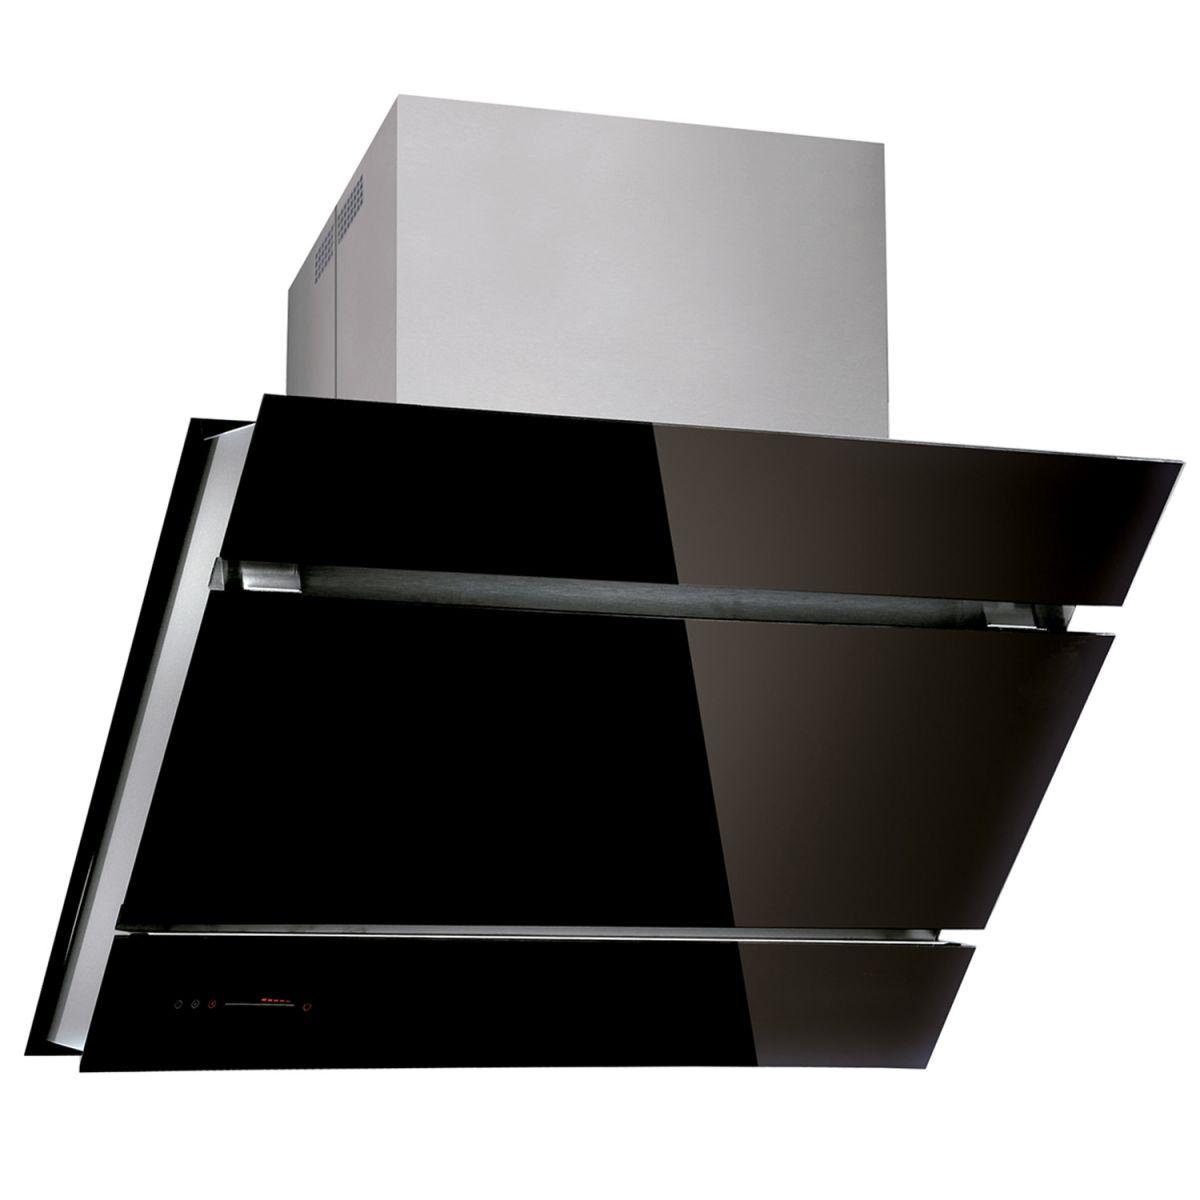 myappliances ref10205 90cm designer black angled glass. Black Bedroom Furniture Sets. Home Design Ideas